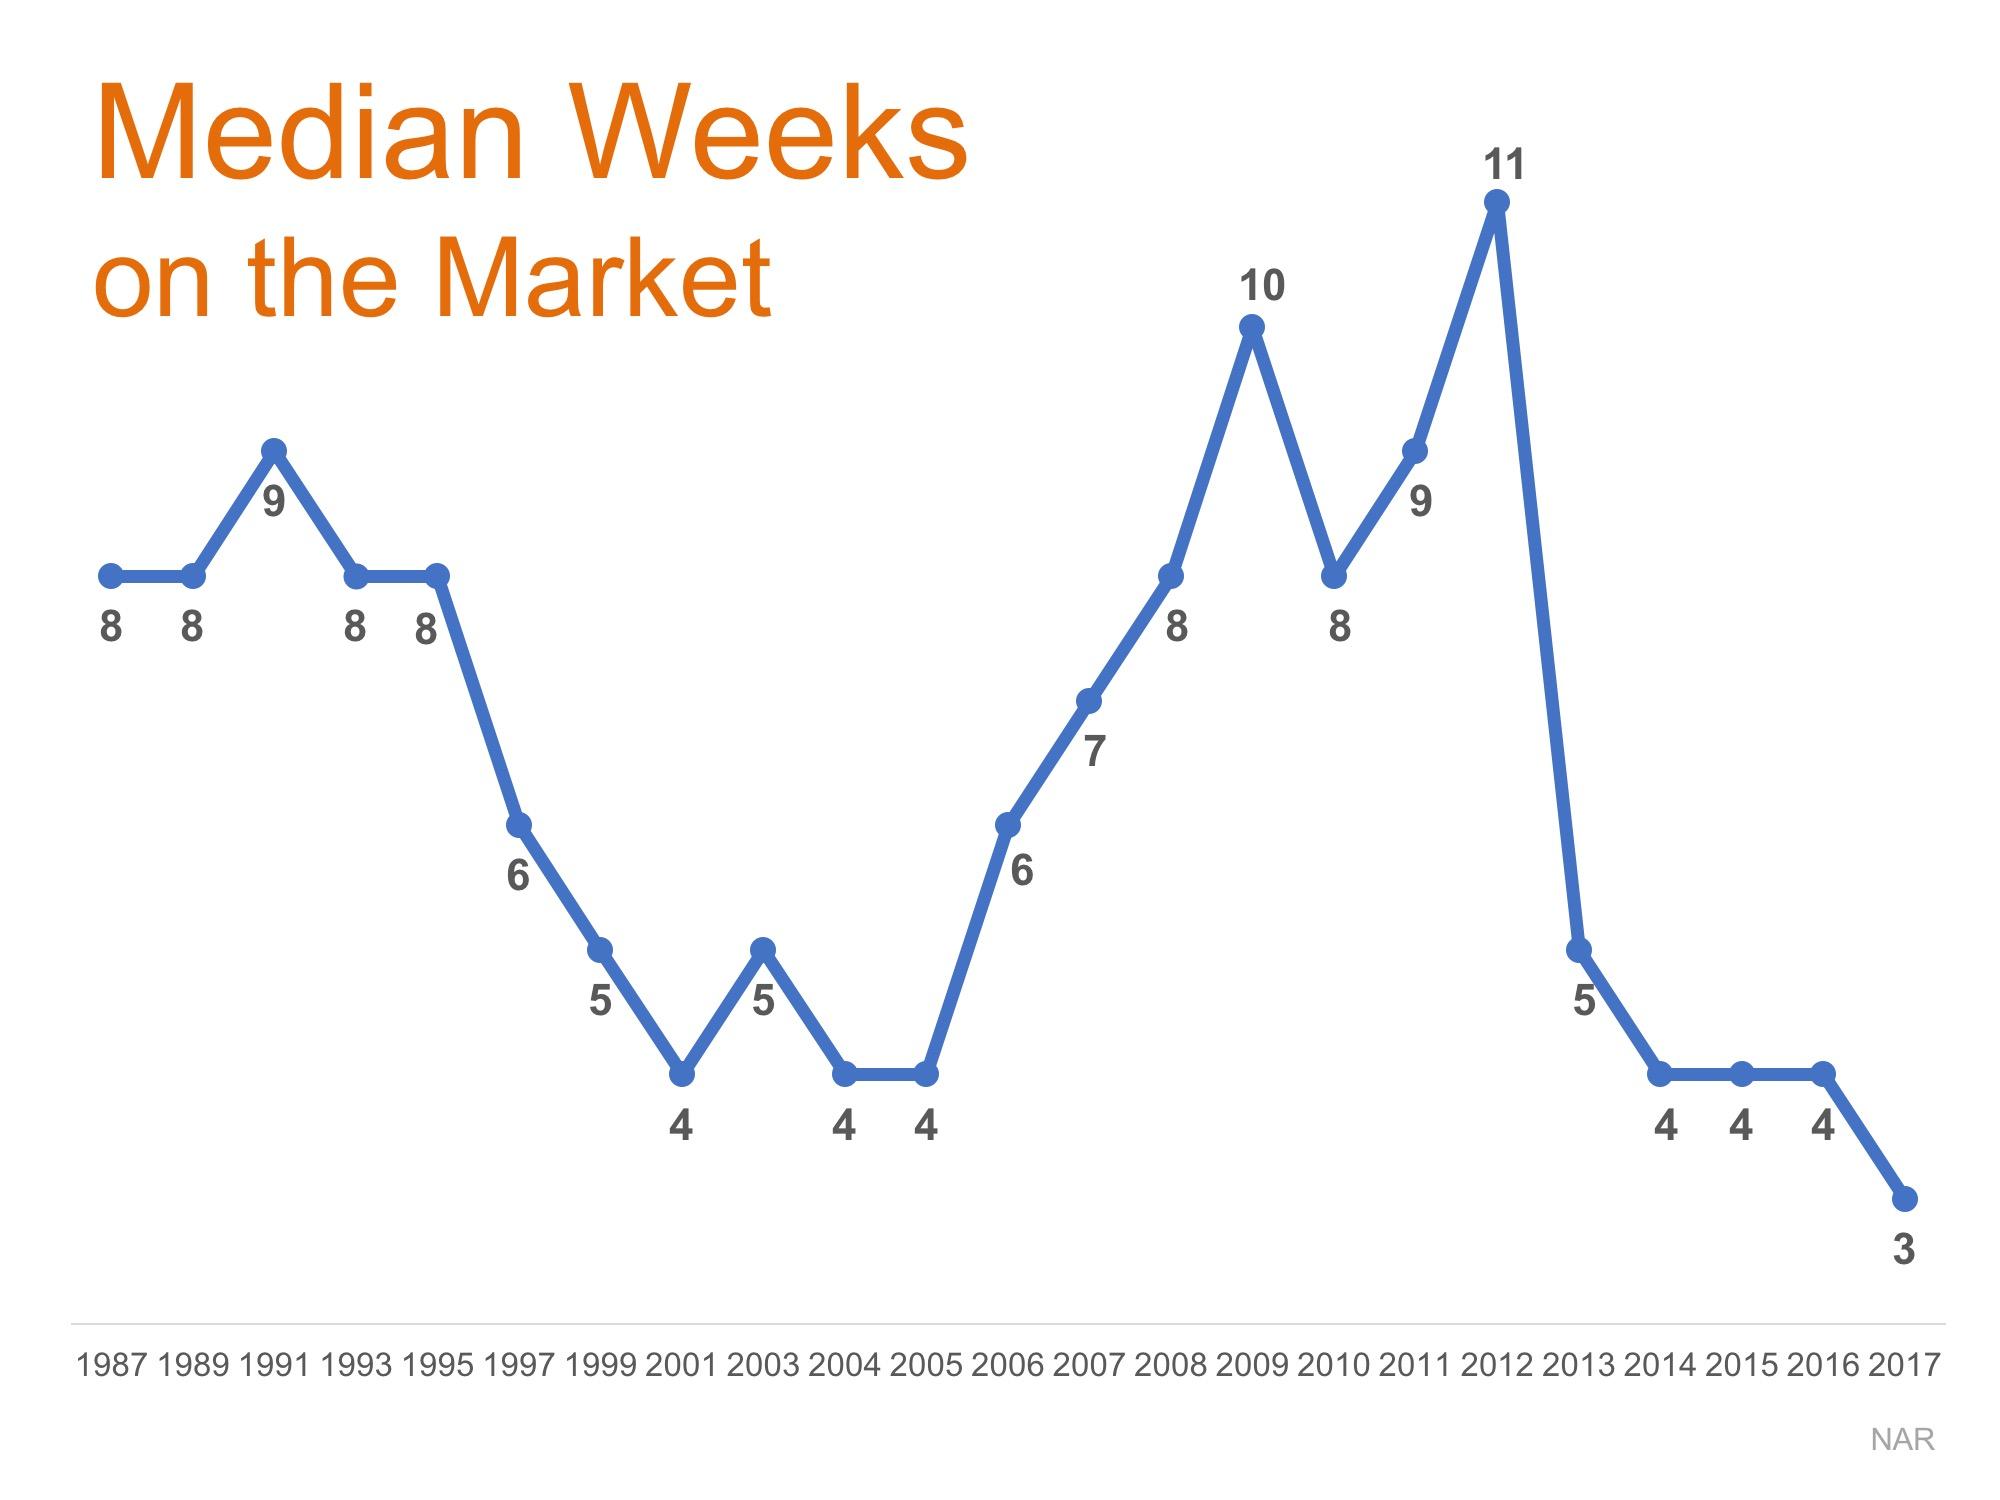 median weeks on market